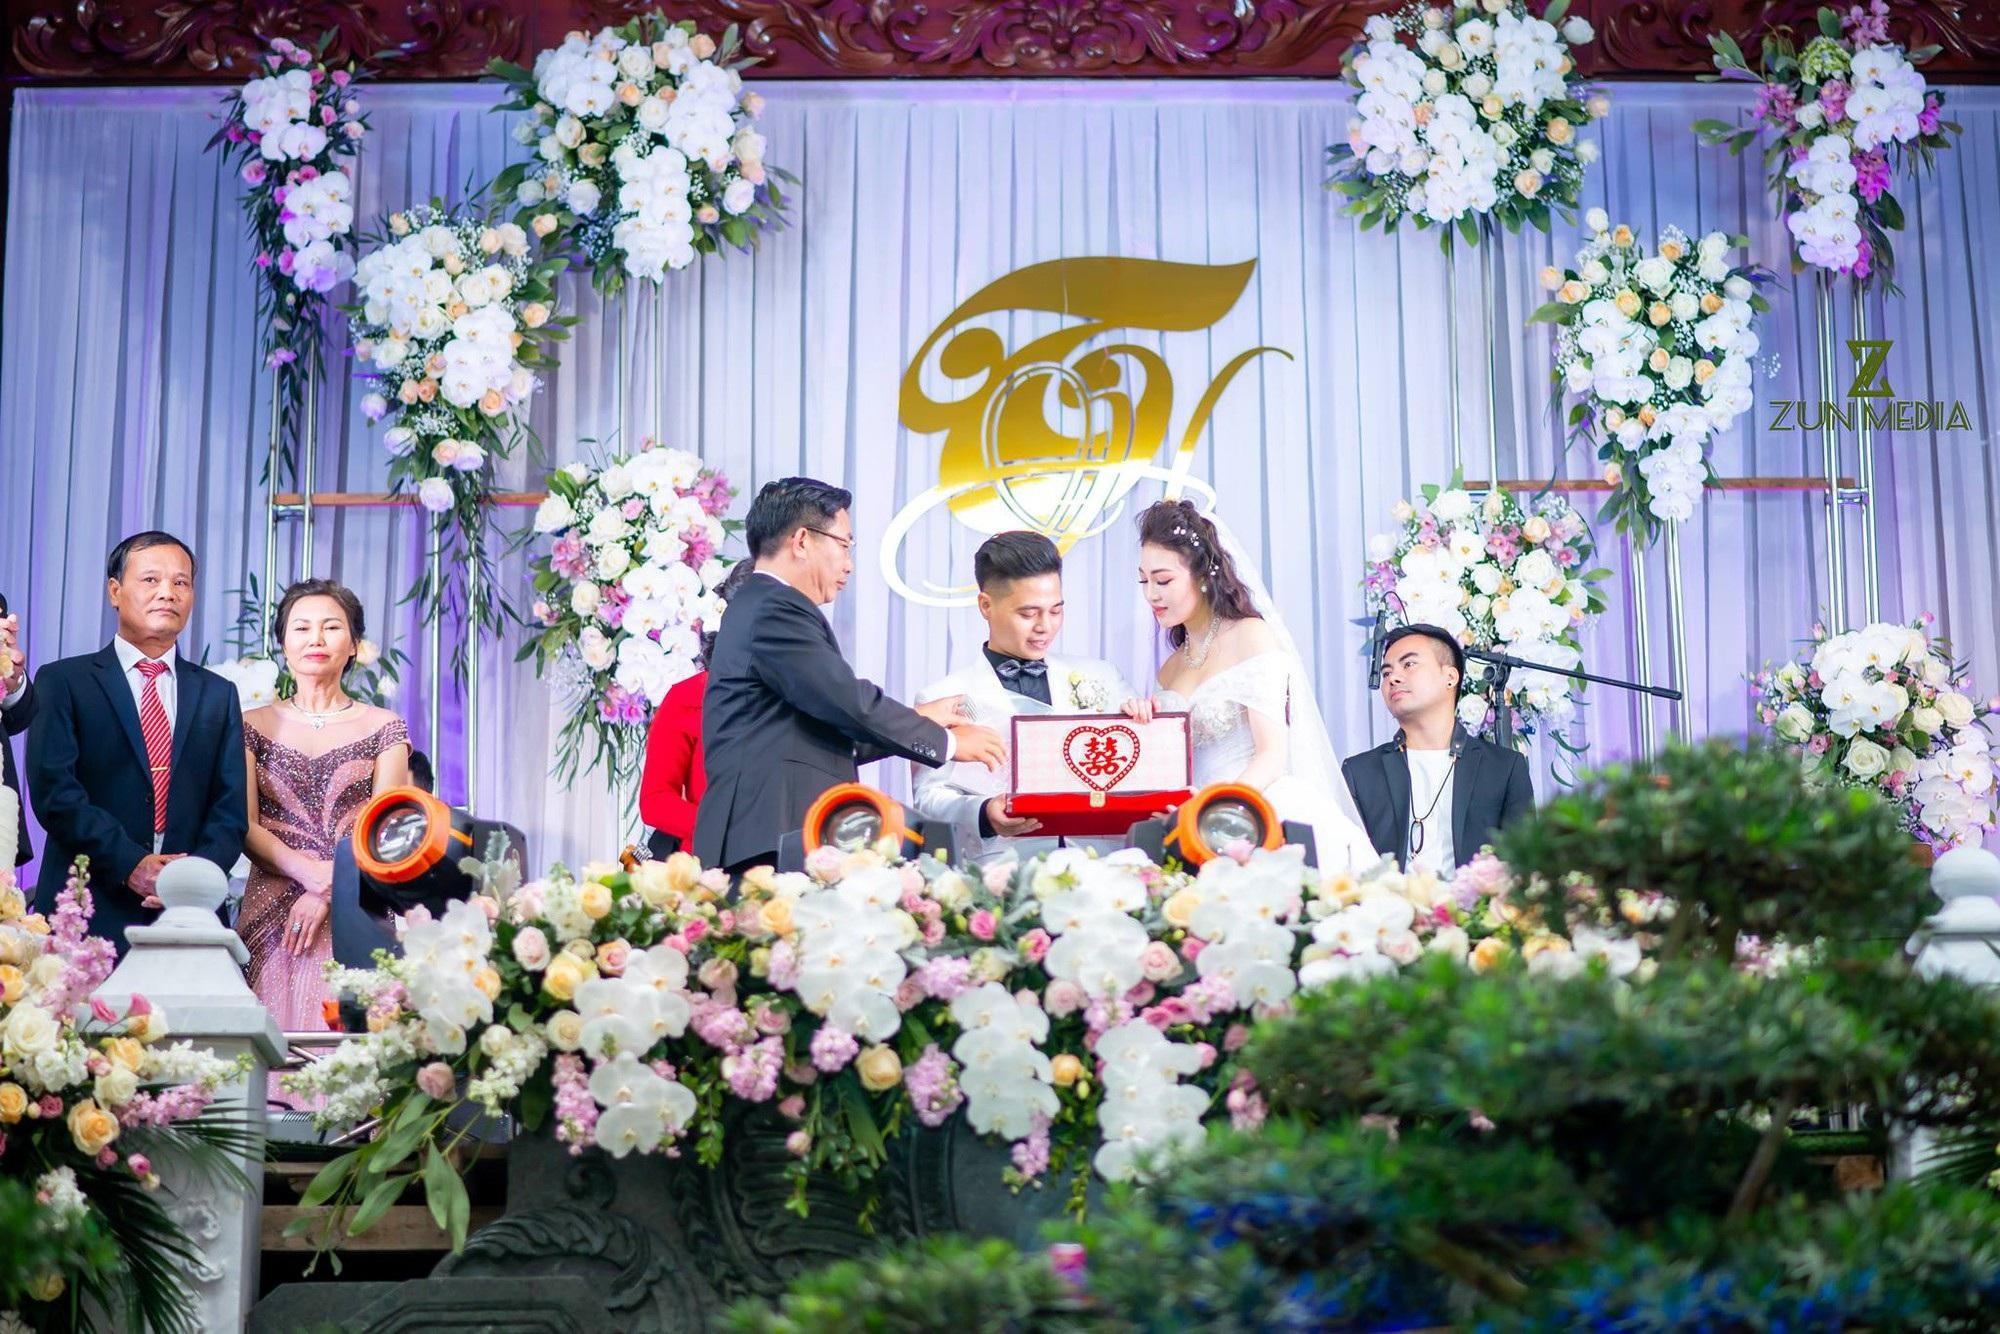 Cô dâu đeo vàng trĩu cổ ở lâu đài Nam Định: Bố mẹ cho 200 cây vàng và 2 bìa đỏ - Ảnh 9.